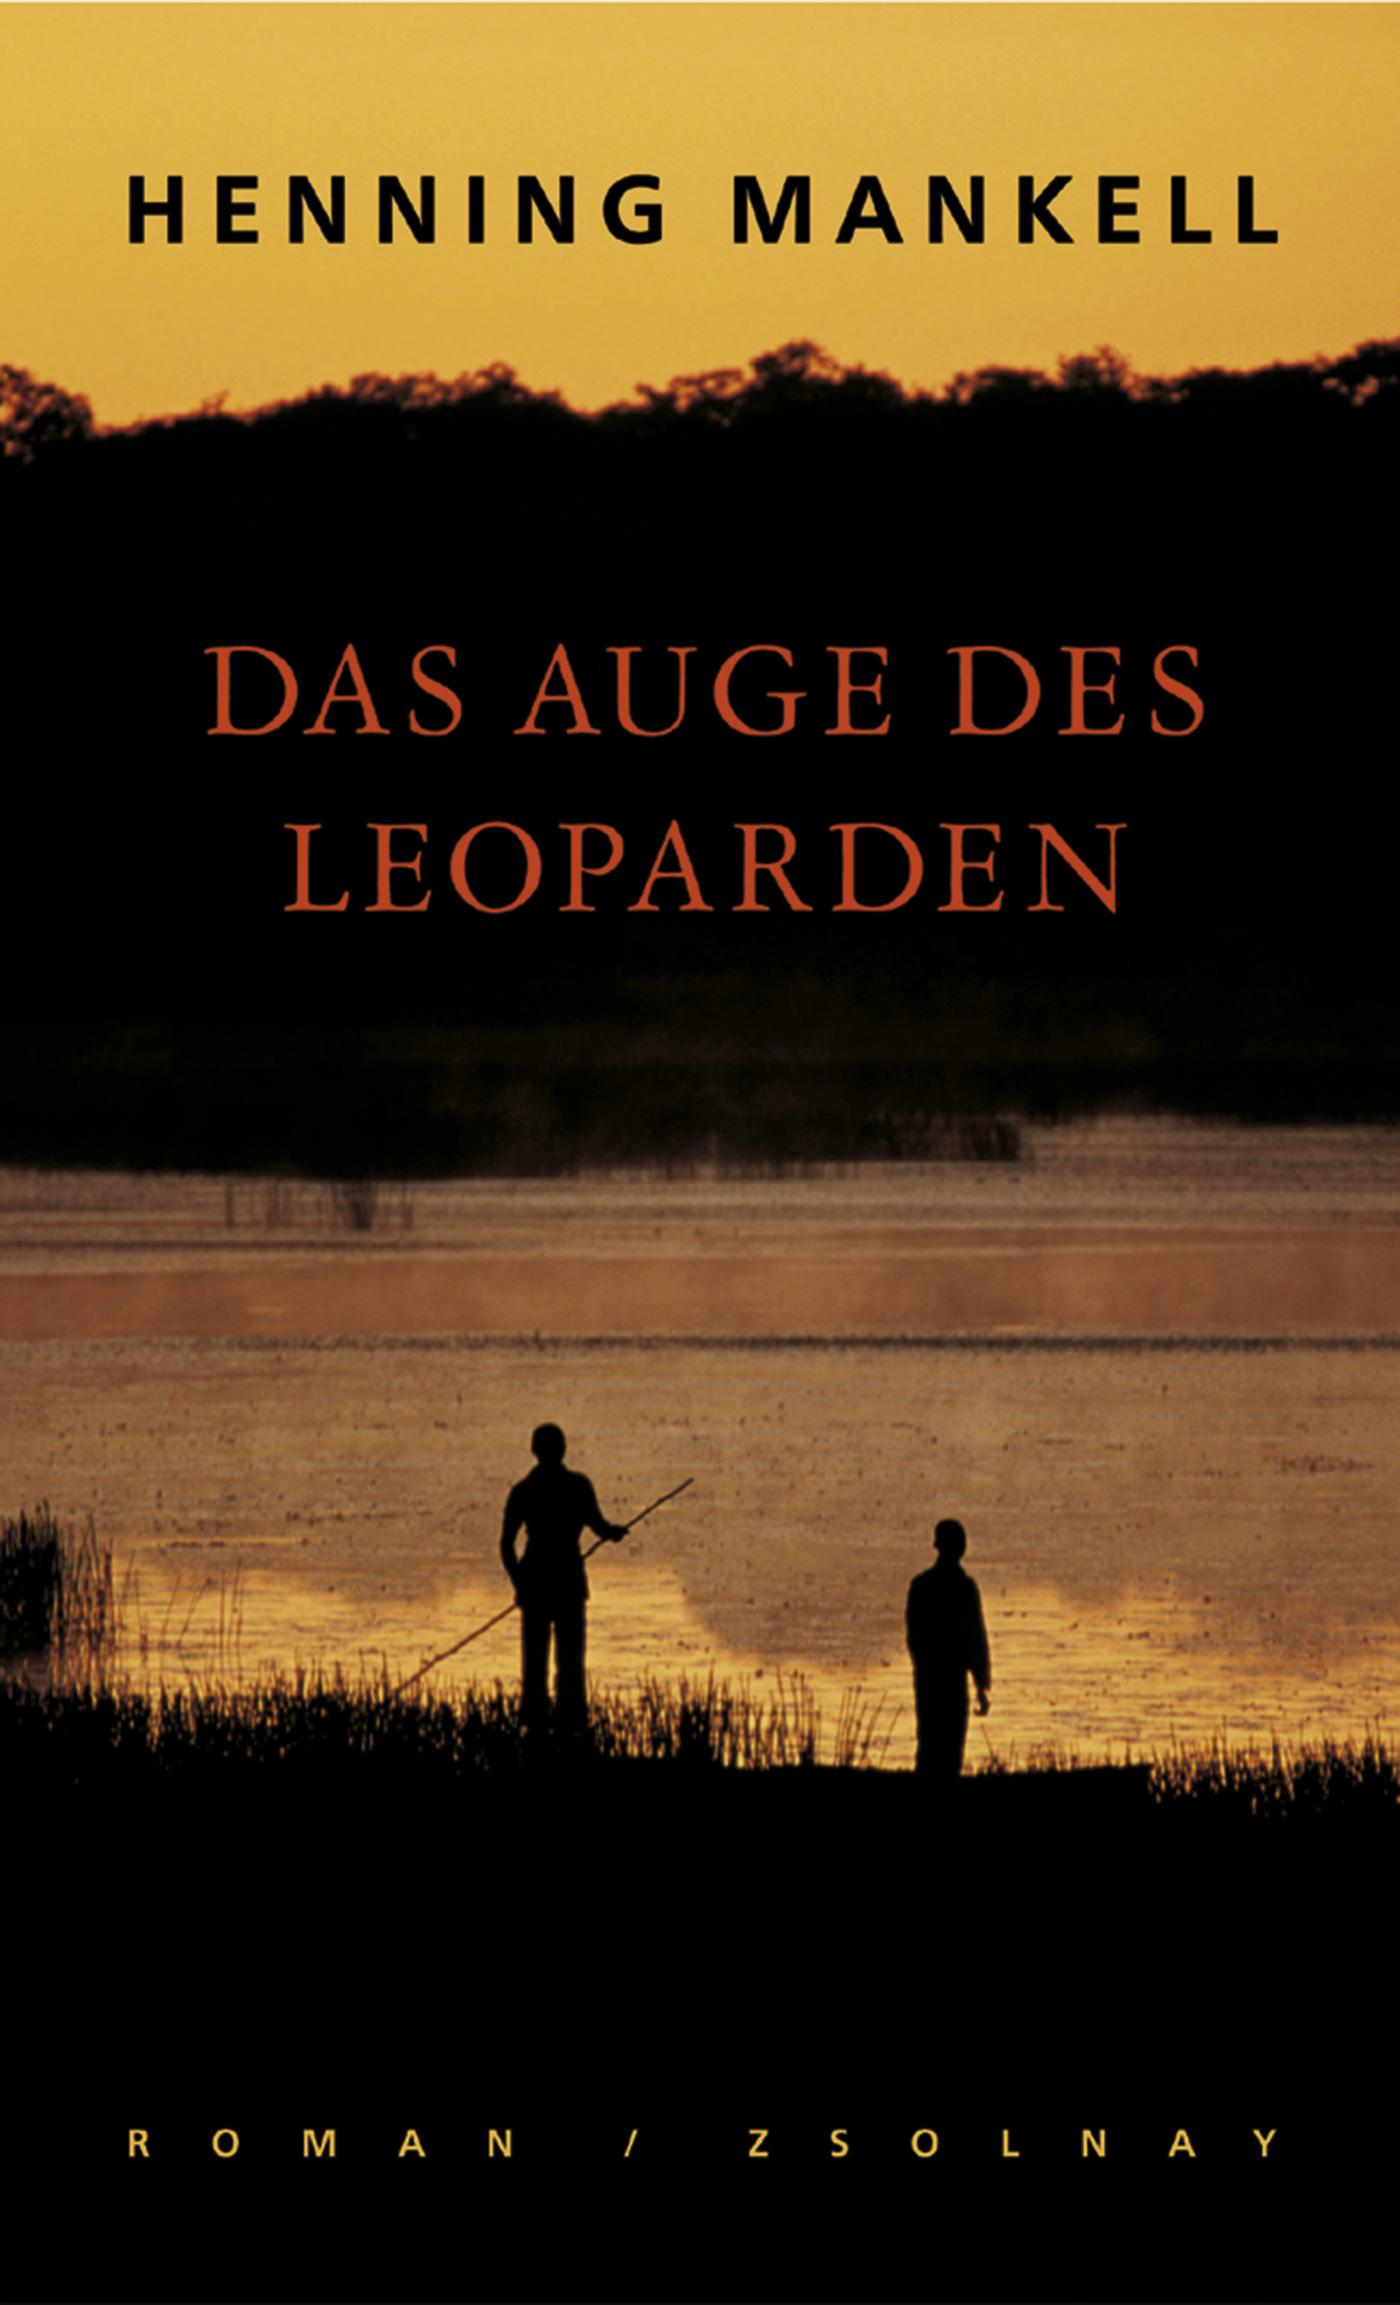 Das Auge des Leoparden - Henning Mankell